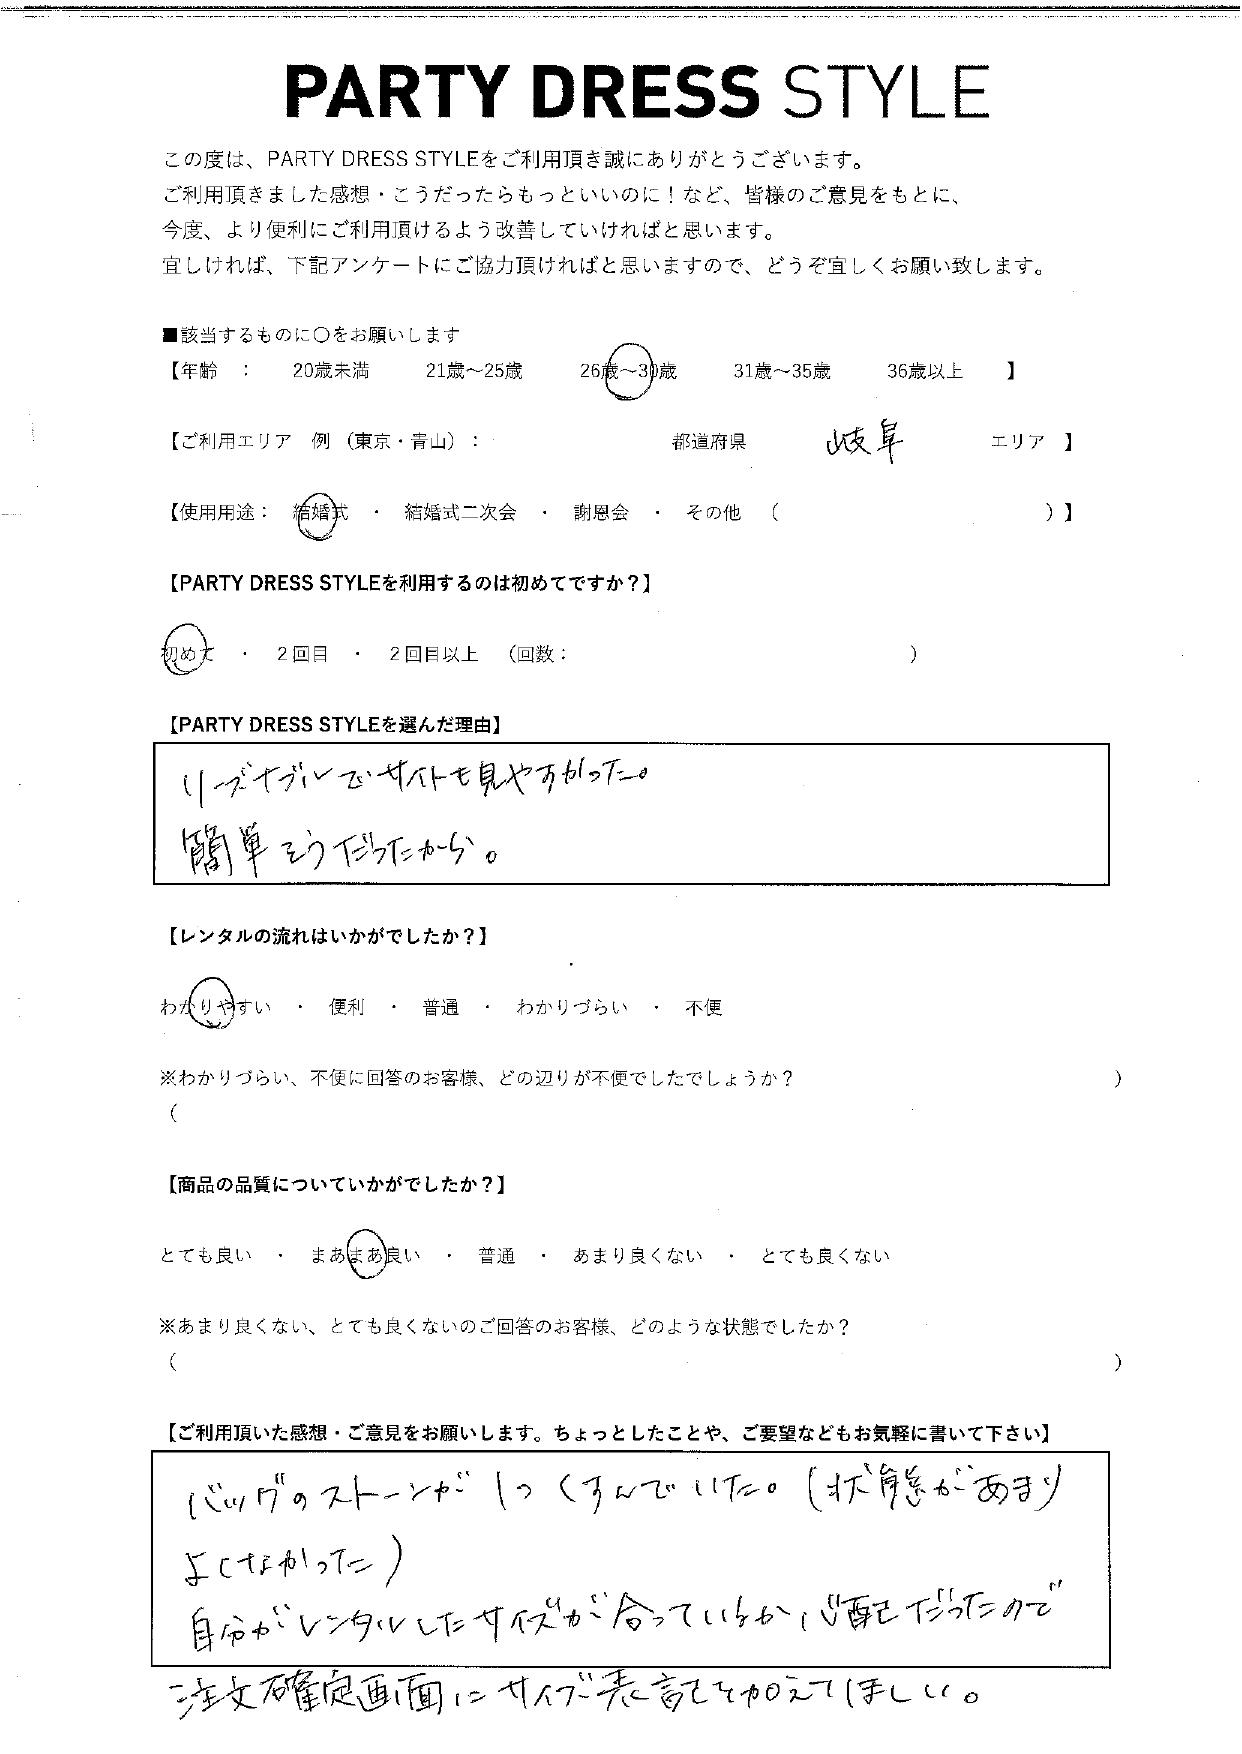 9/19結婚式ご利用 岐阜エリア